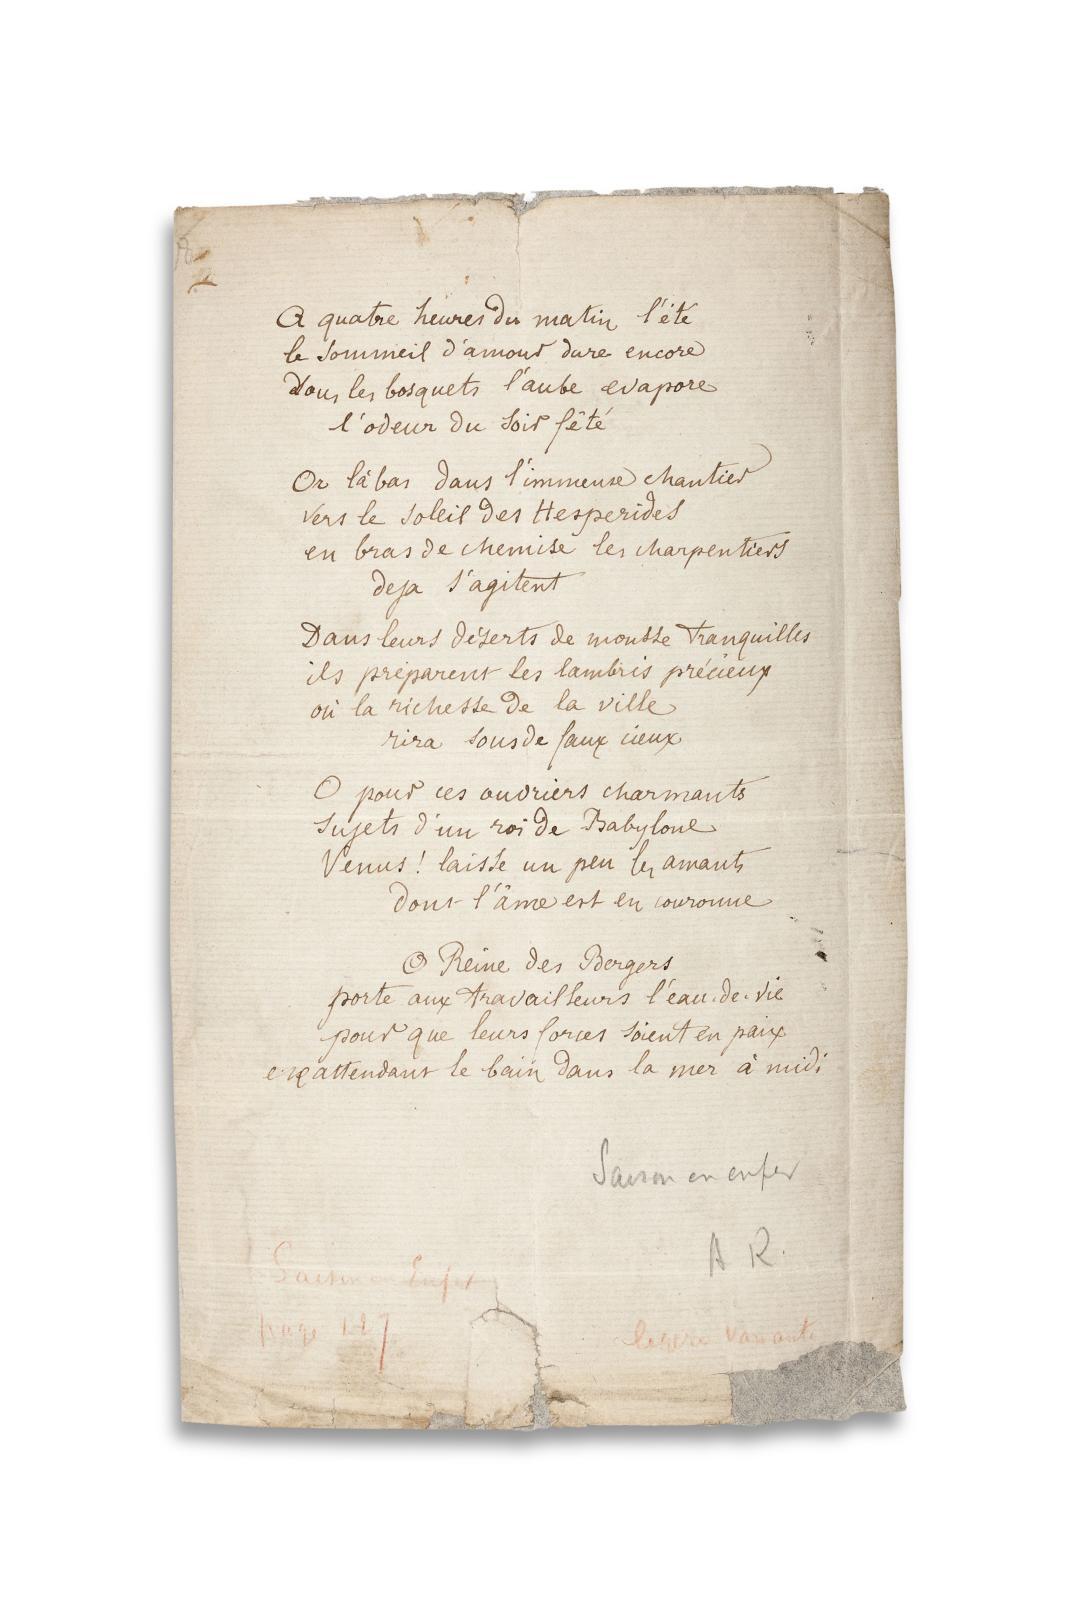 Arthur Rimbaud (1854-1891), Bonne pensée du matin, poème autographe, été1872, une page in-8° à l'encre. Vente n°17, mercredi 3 avril Estimation: 15